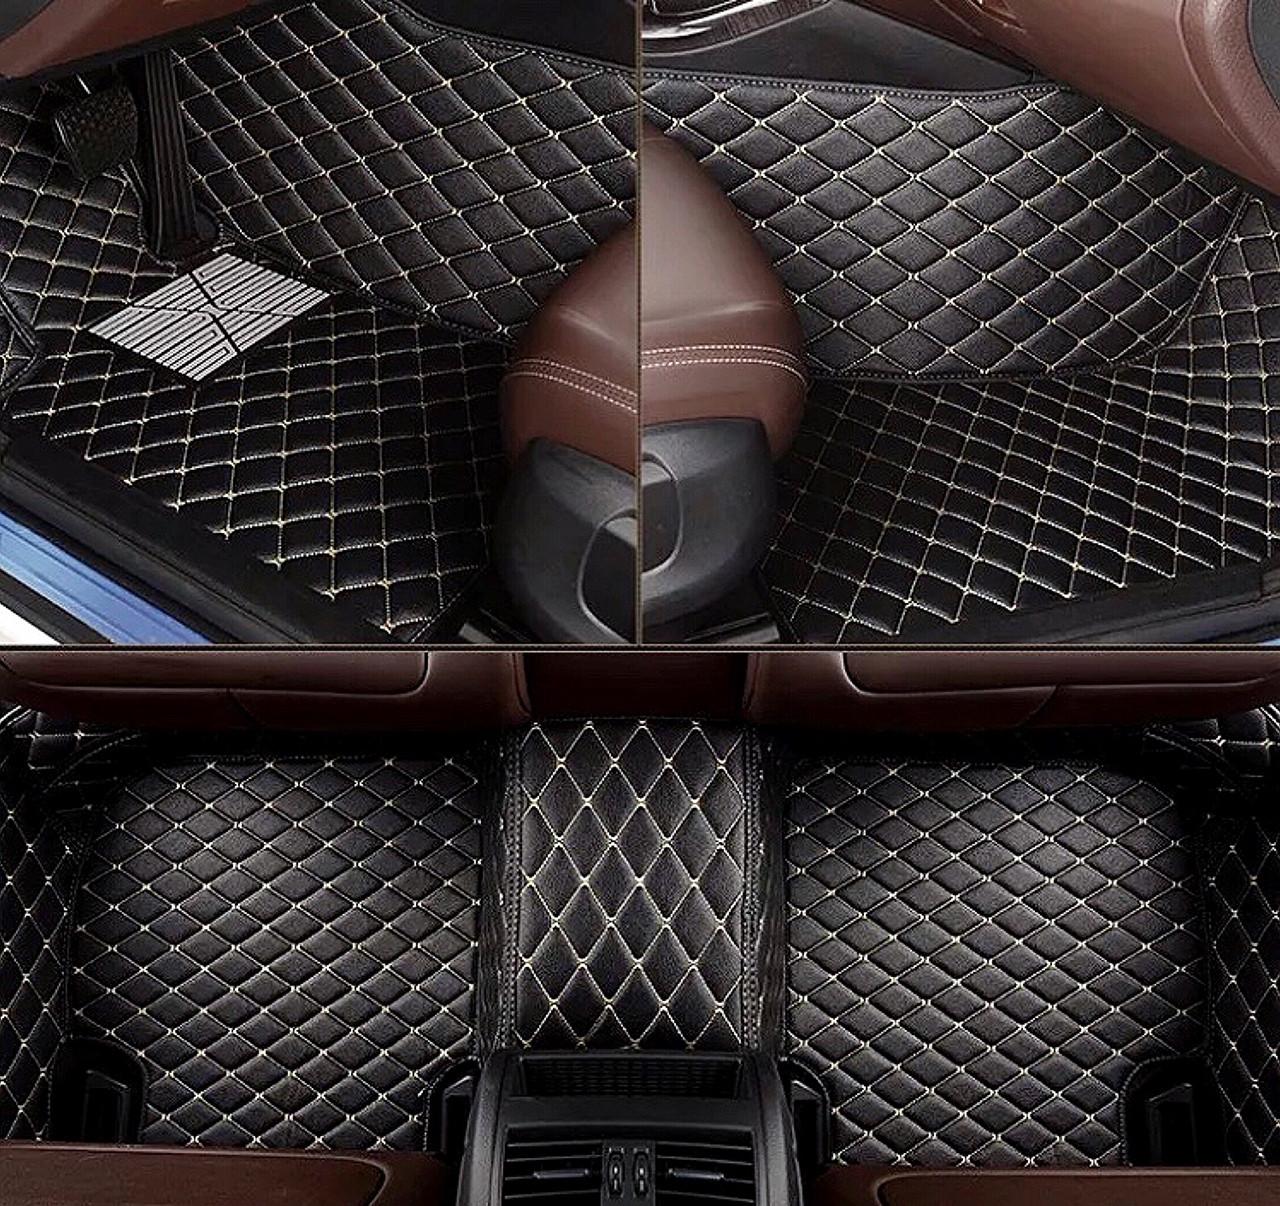 Комплект ковриков из экокожи для Mazda CX-9, на 5 мест